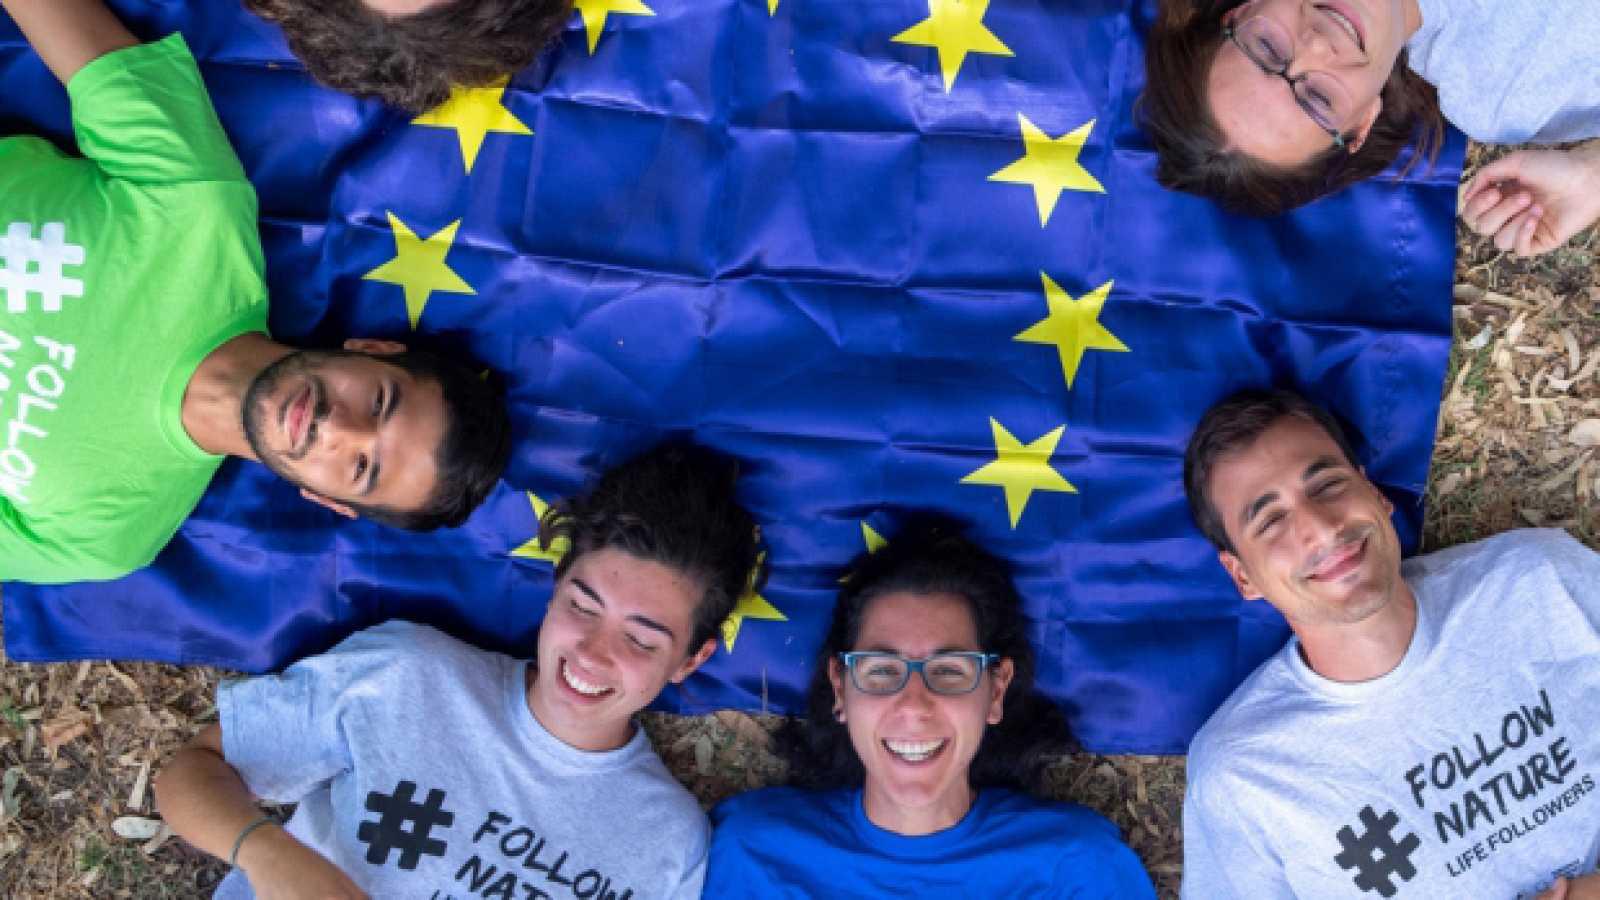 Marca España - Voluntariado juvenil para proteger nuestra biodiversidad - 19/10/20 - Escuchar ahora